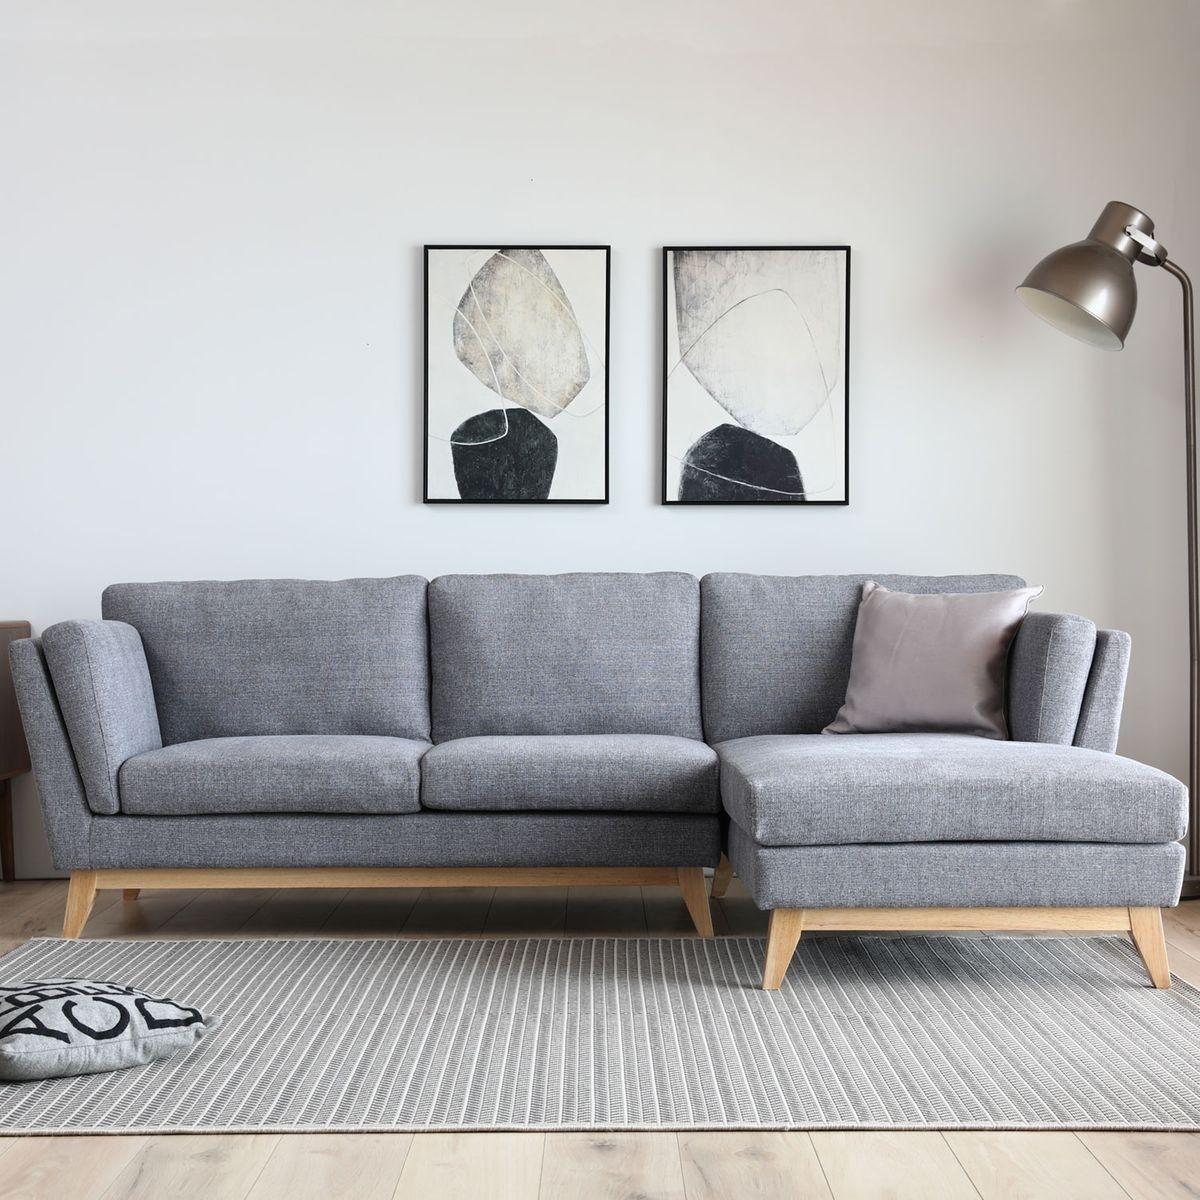 Canapé 3 places scandinave avec pieds en bois méridien et nord en gris clair.